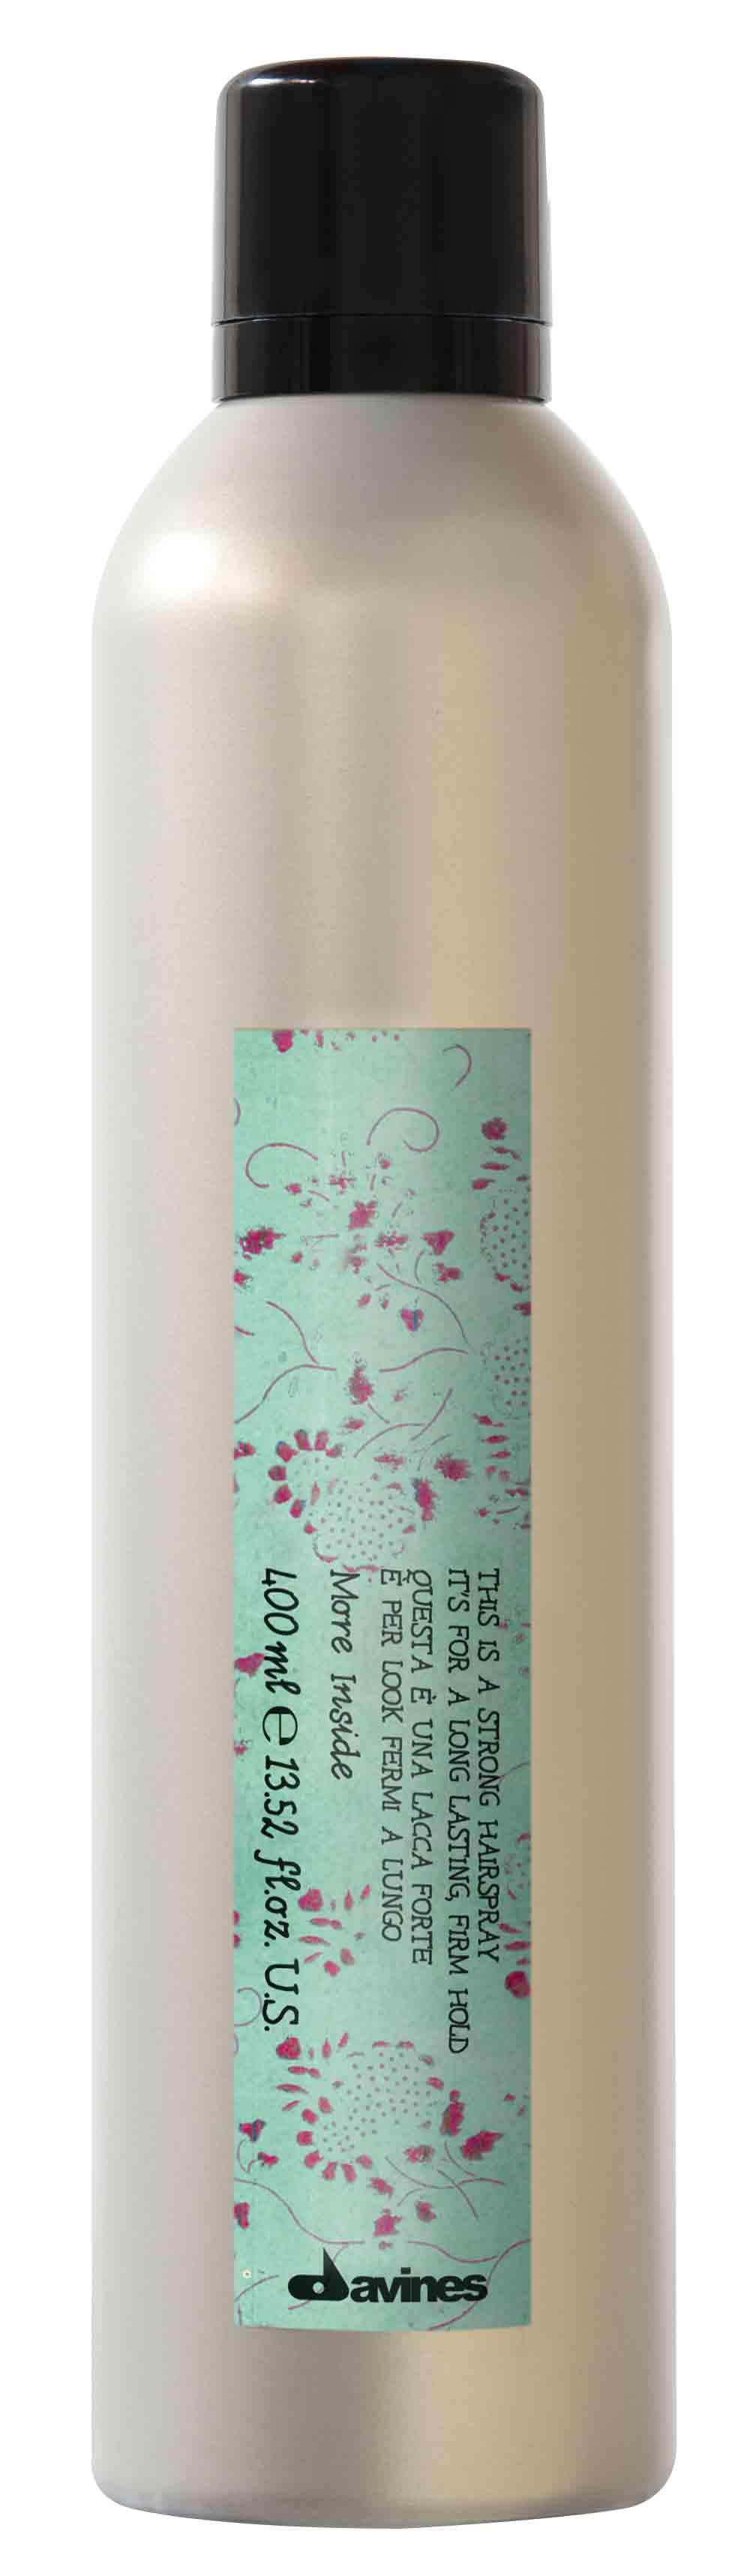 Davines (Давинес) Лак сильной фиксации для длительной стойкой укладки (Strong Hold Hair-spray), 400 мл.